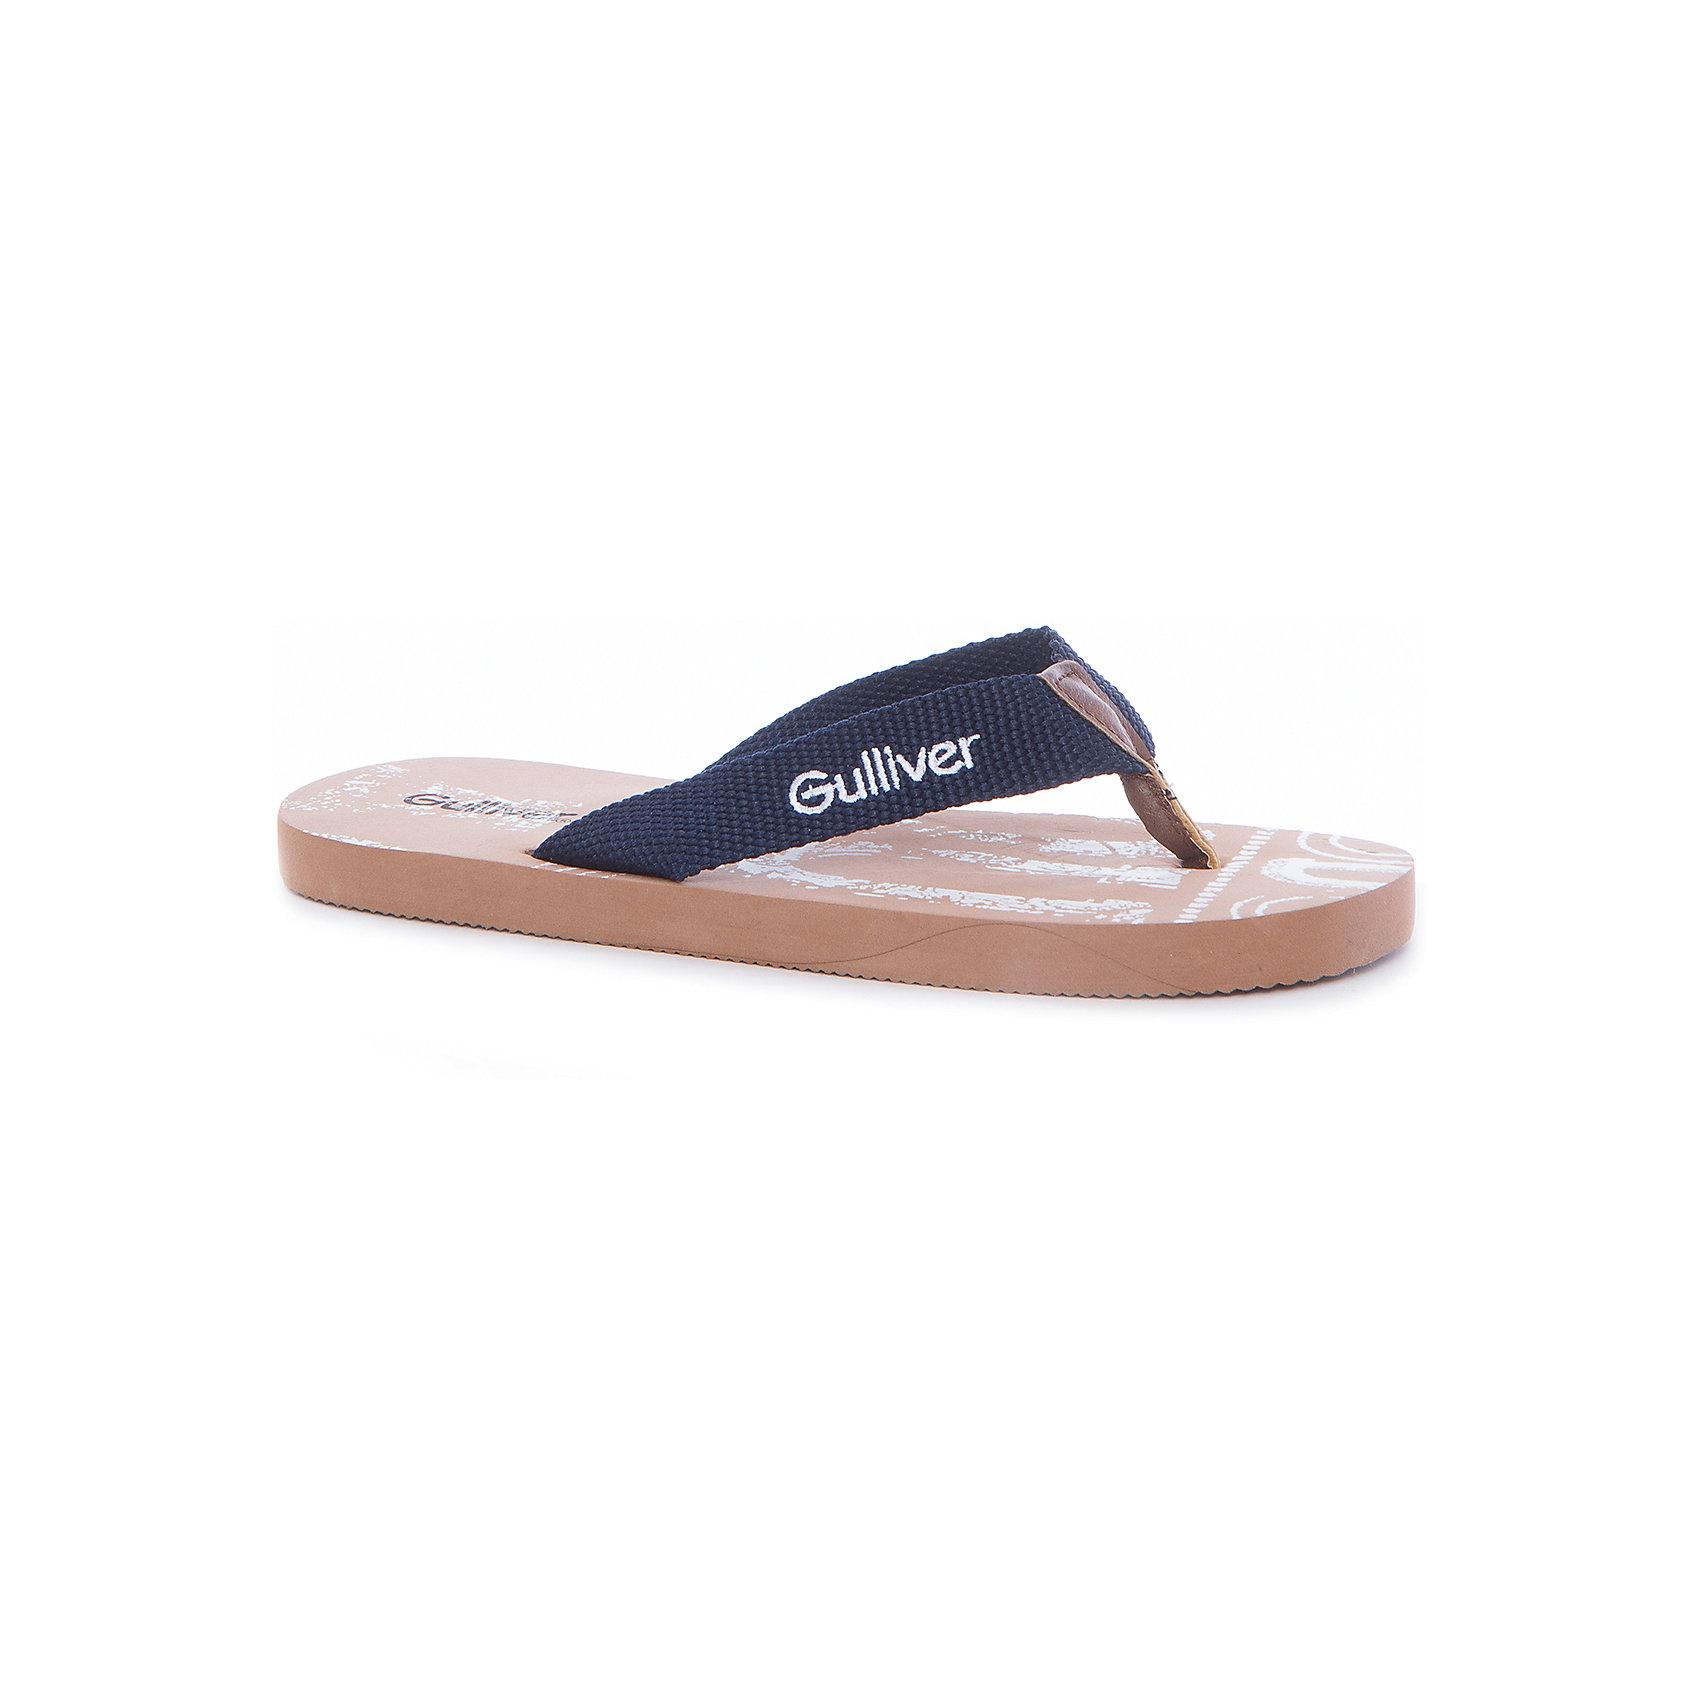 Пантолеты для мальчика GulliverПляжная обувь - вещь, совершенно необходимая для отдыха у воды. Мягкие резиновые шлепанцы и-вьетнамки для мальчика надежно защитят ногу от мелкой гальки и горячего песка, а также станут ярким запоминающимся элементом пляжного ансамбля. Если вы решили купить подростку пляжную обувь, обратите внимания на эти вьетнамки. Ребенок наверняка оценит стильный принт и отделку из коллекции Гавана-клуб.<br>Состав:<br>верх: текстиль;            подошва:EVA<br><br>Ширина мм: 248<br>Глубина мм: 135<br>Высота мм: 147<br>Вес г: 256<br>Цвет: синий<br>Возраст от месяцев: 168<br>Возраст до месяцев: 1188<br>Пол: Мужской<br>Возраст: Детский<br>Размер: 40,36,37,38,39<br>SKU: 5483251